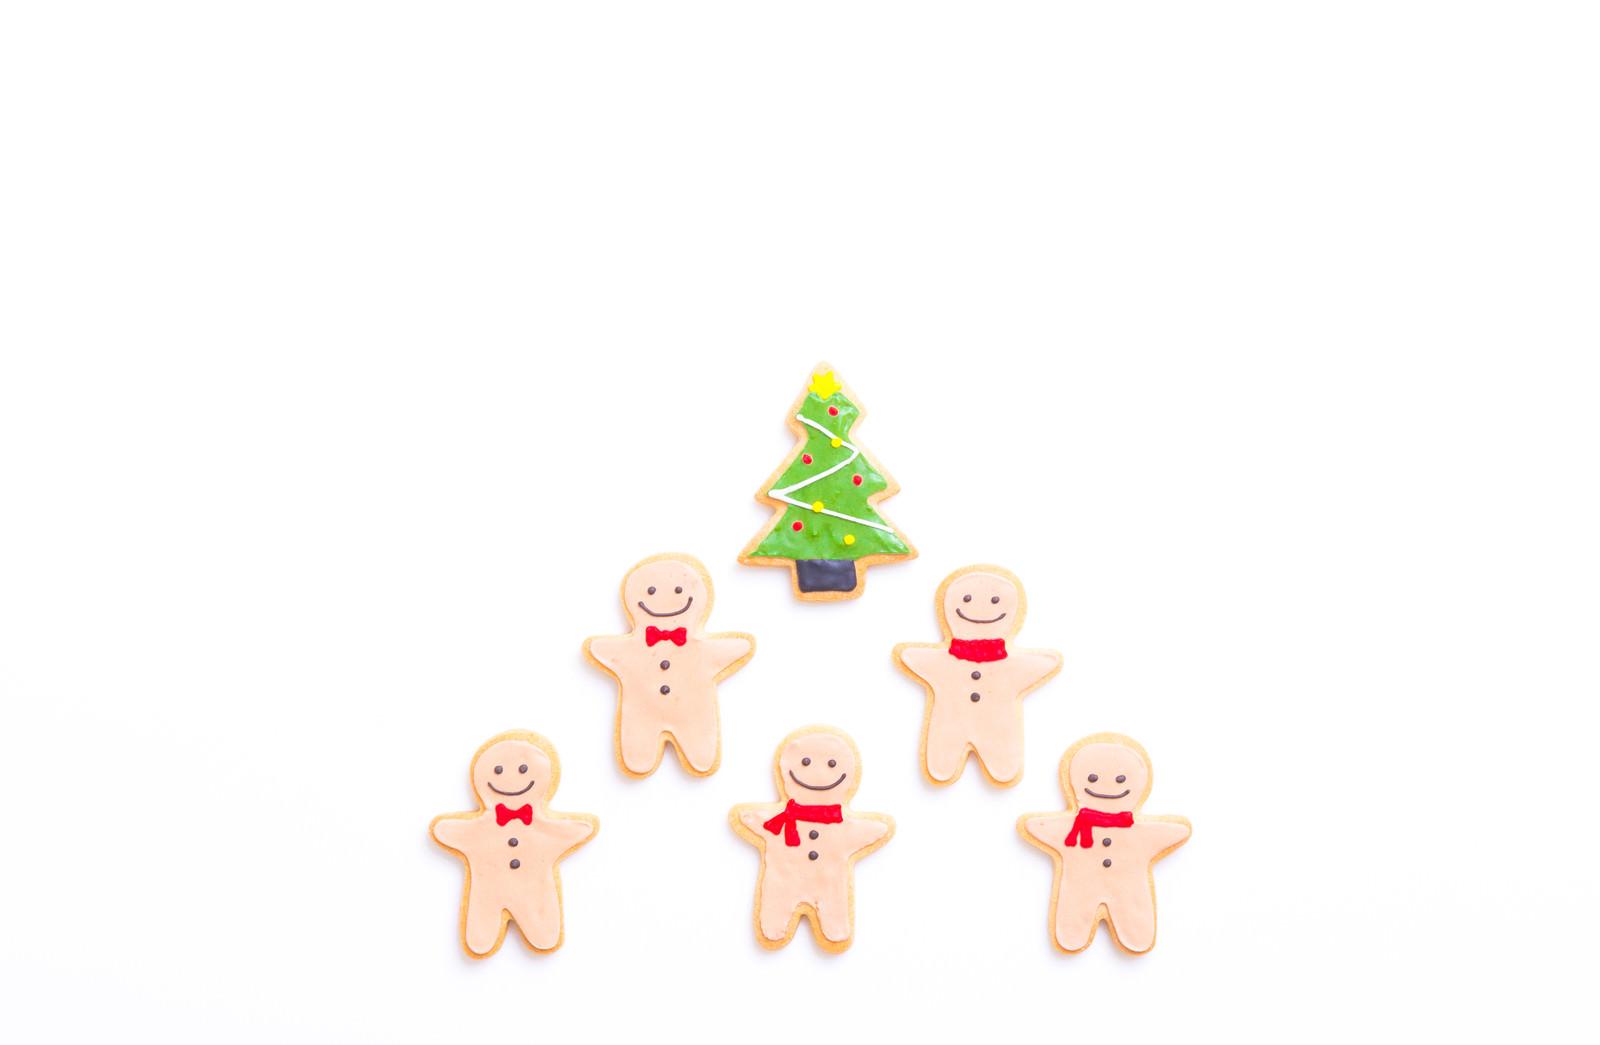 「クリスマスツリーとニッコリクッキー」の写真